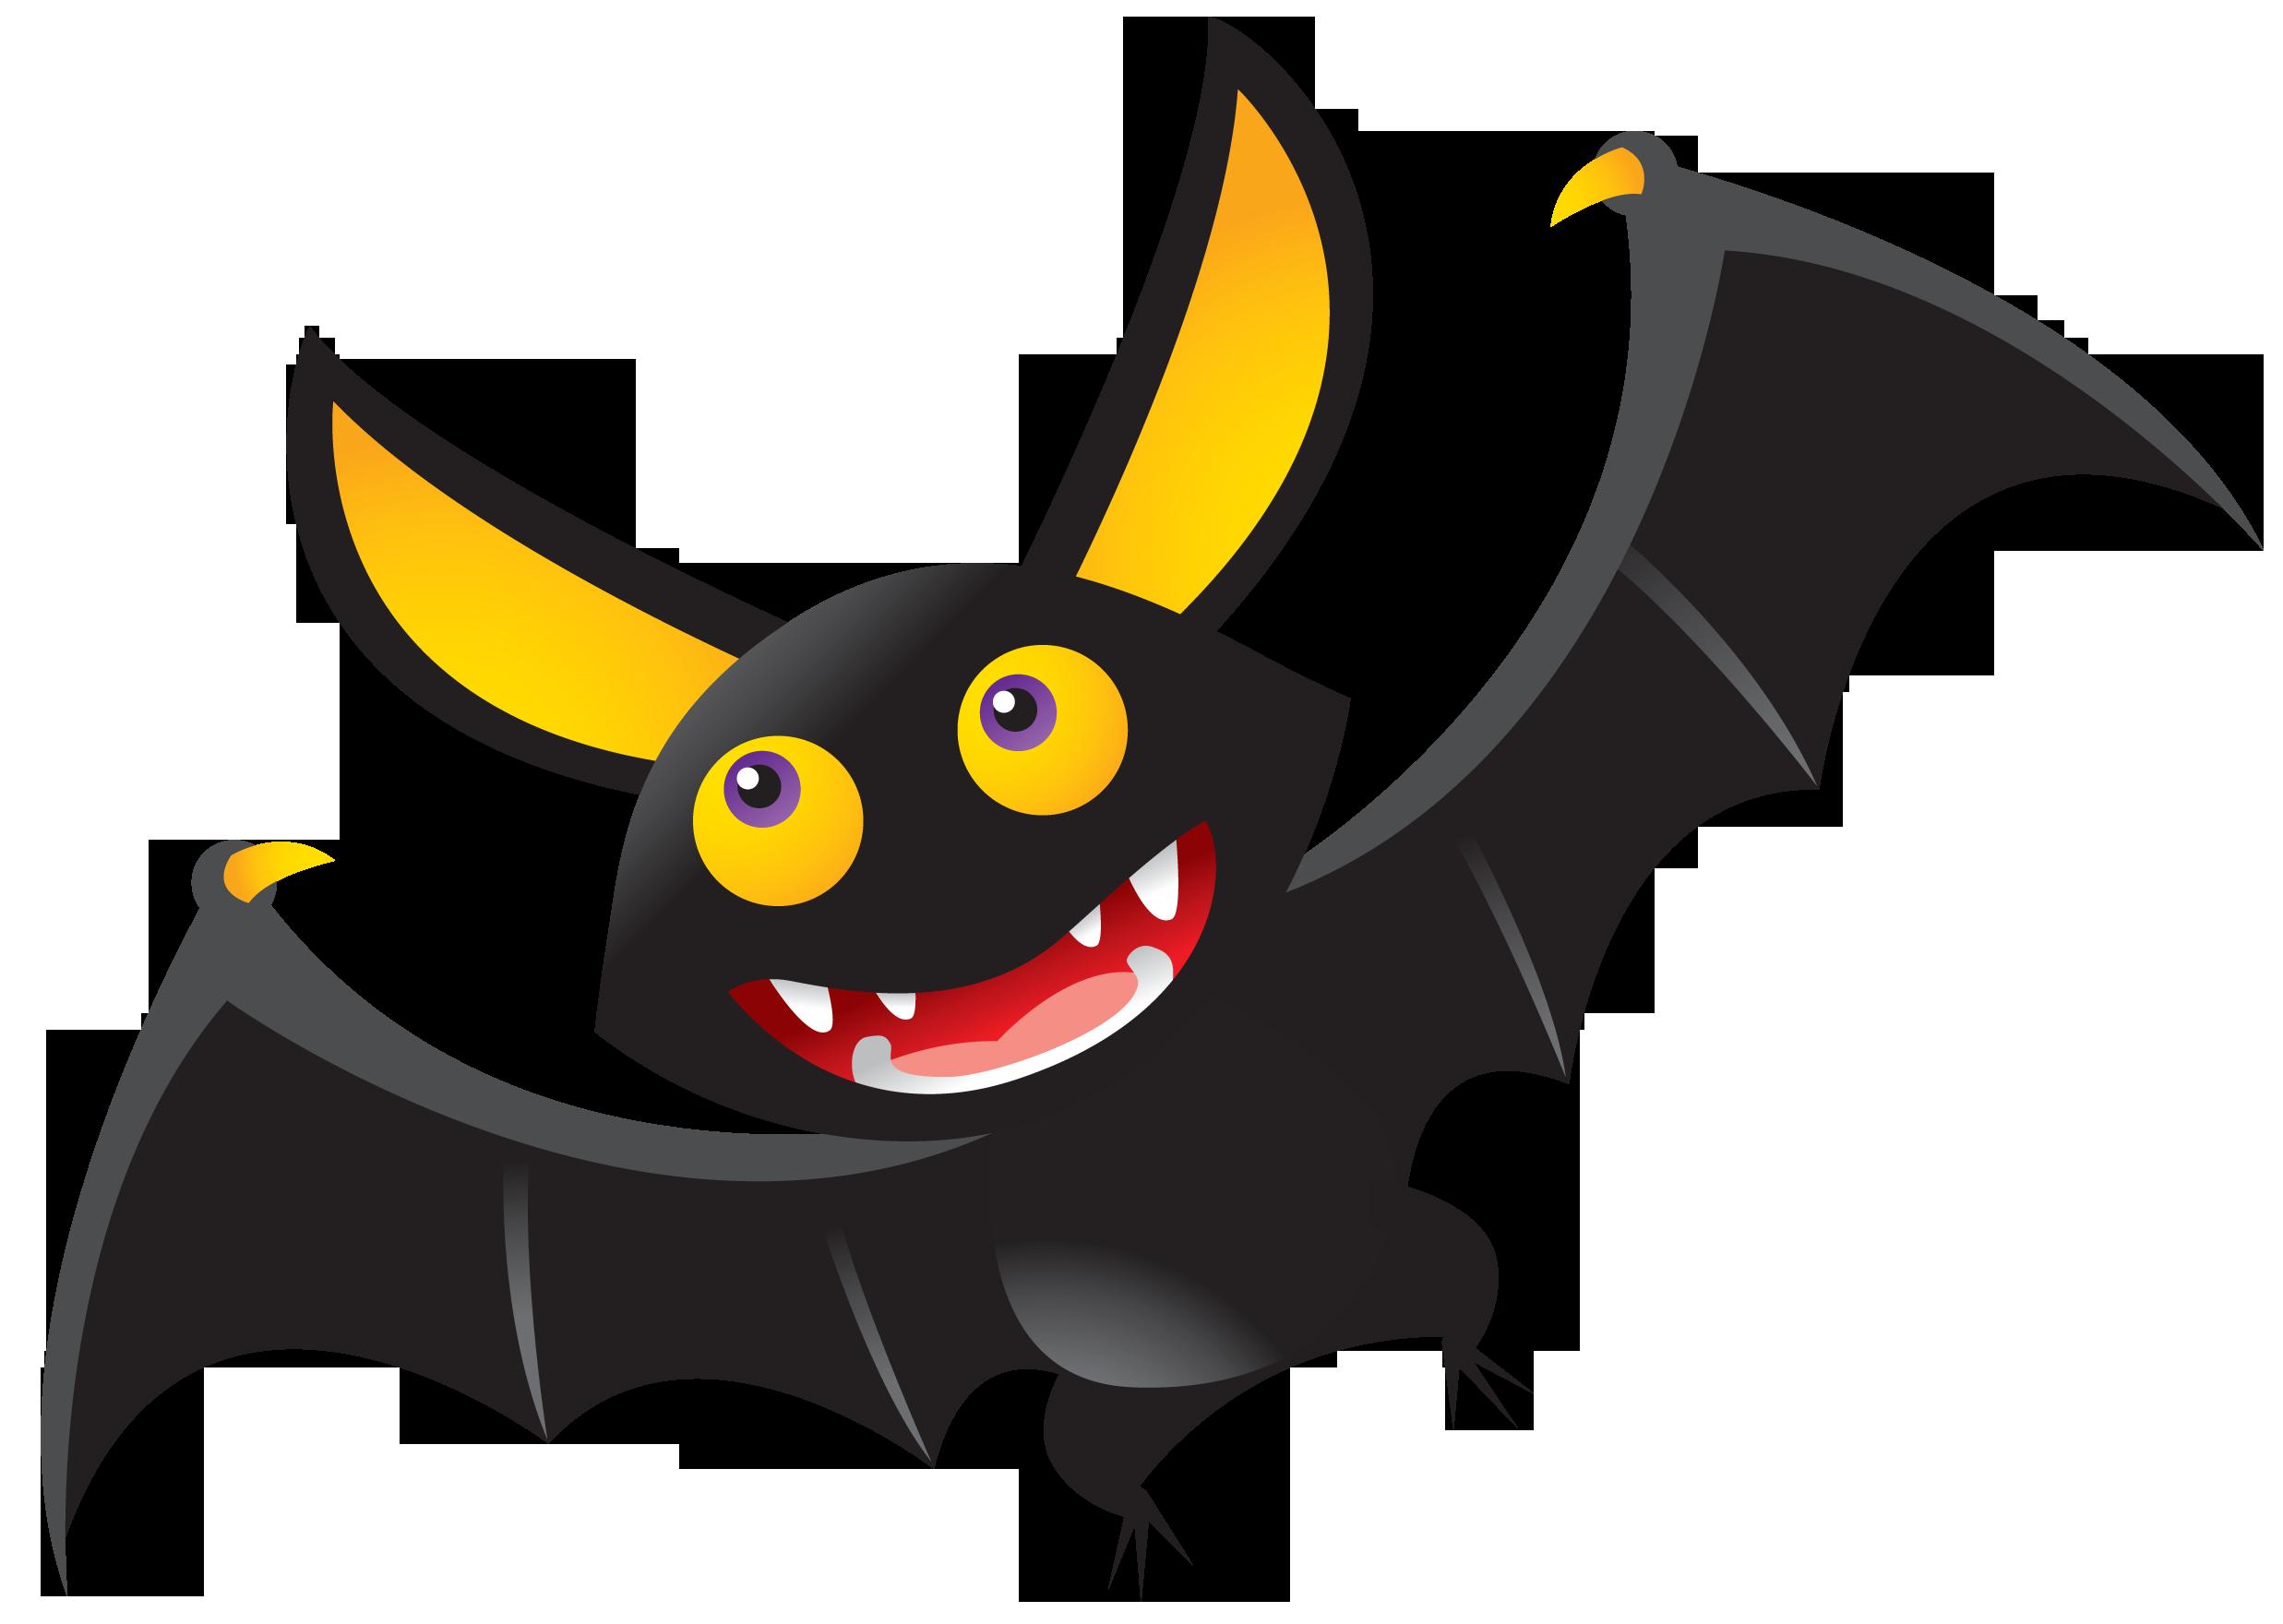 bat clipart-bat clipart-2